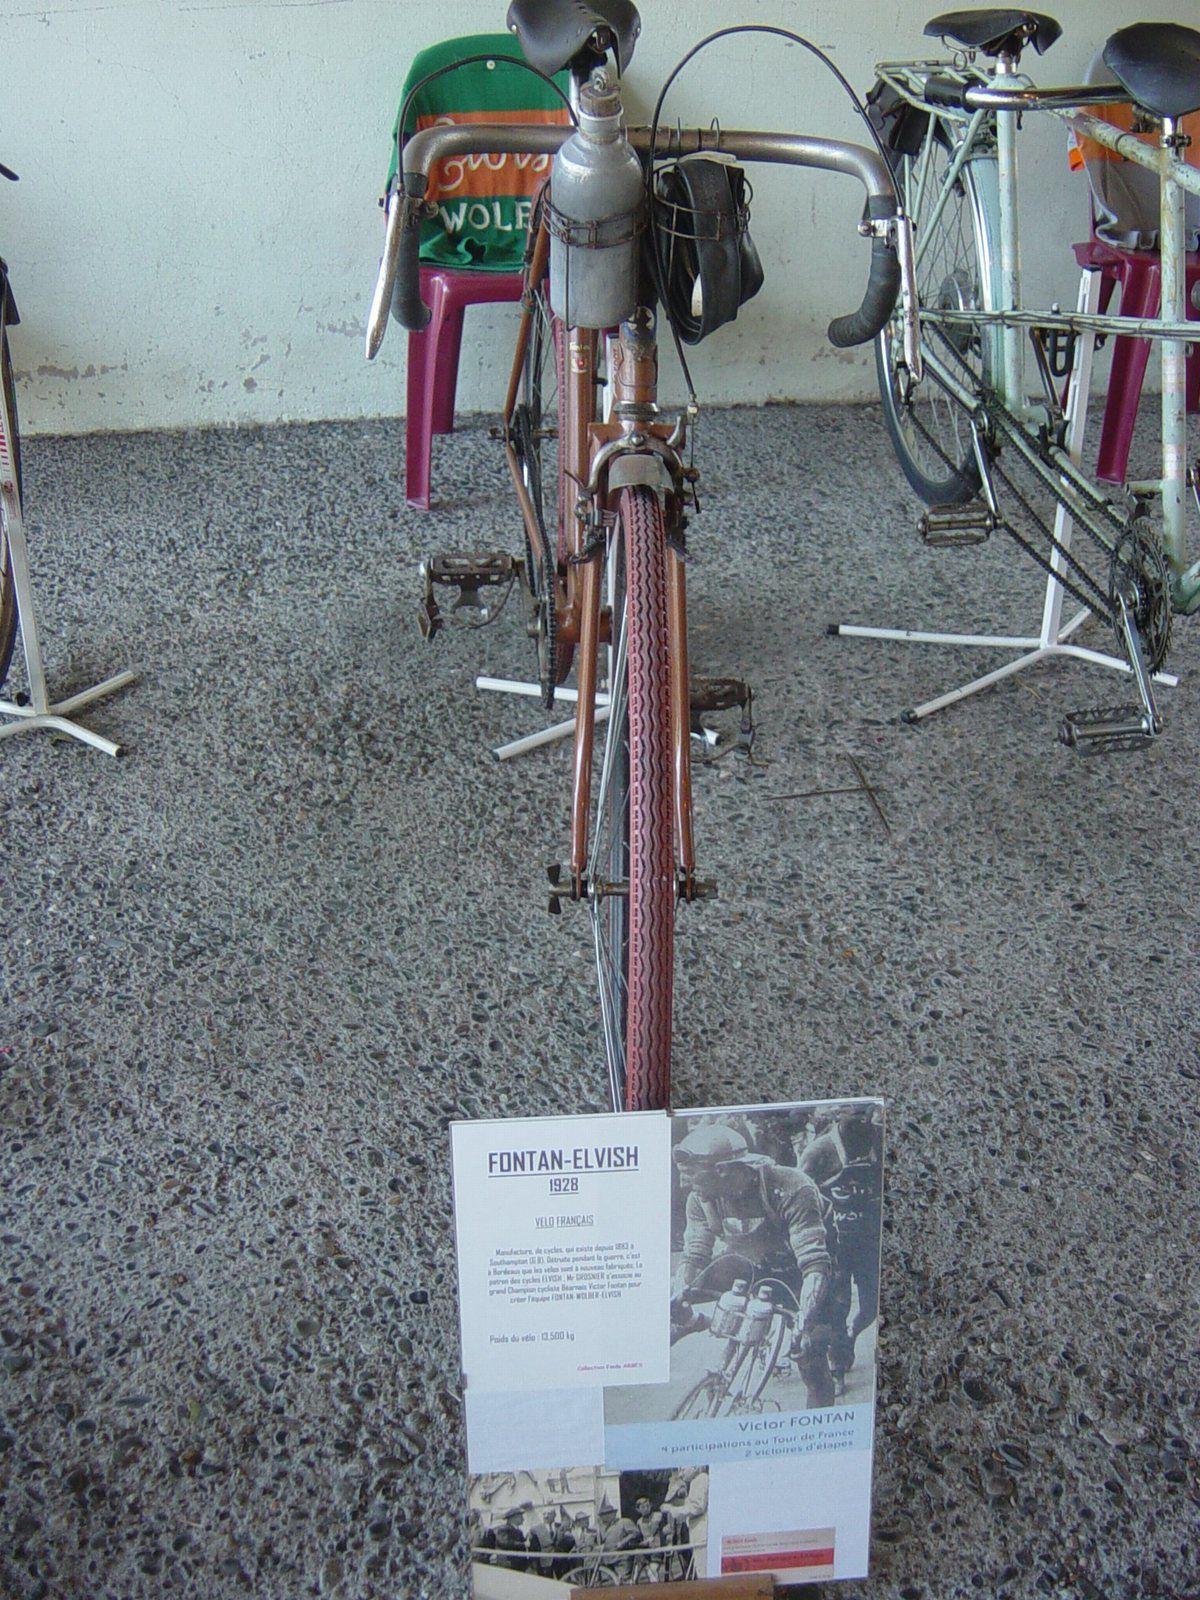 Vélo de course Elvish-Fontan 1928. Réplique du vélo de Victor Fontan, né à Pau (64) le: 18/06/1892, décédé le 02/01/1982. Quatre participations au TDF, deux victoires d' étapes.